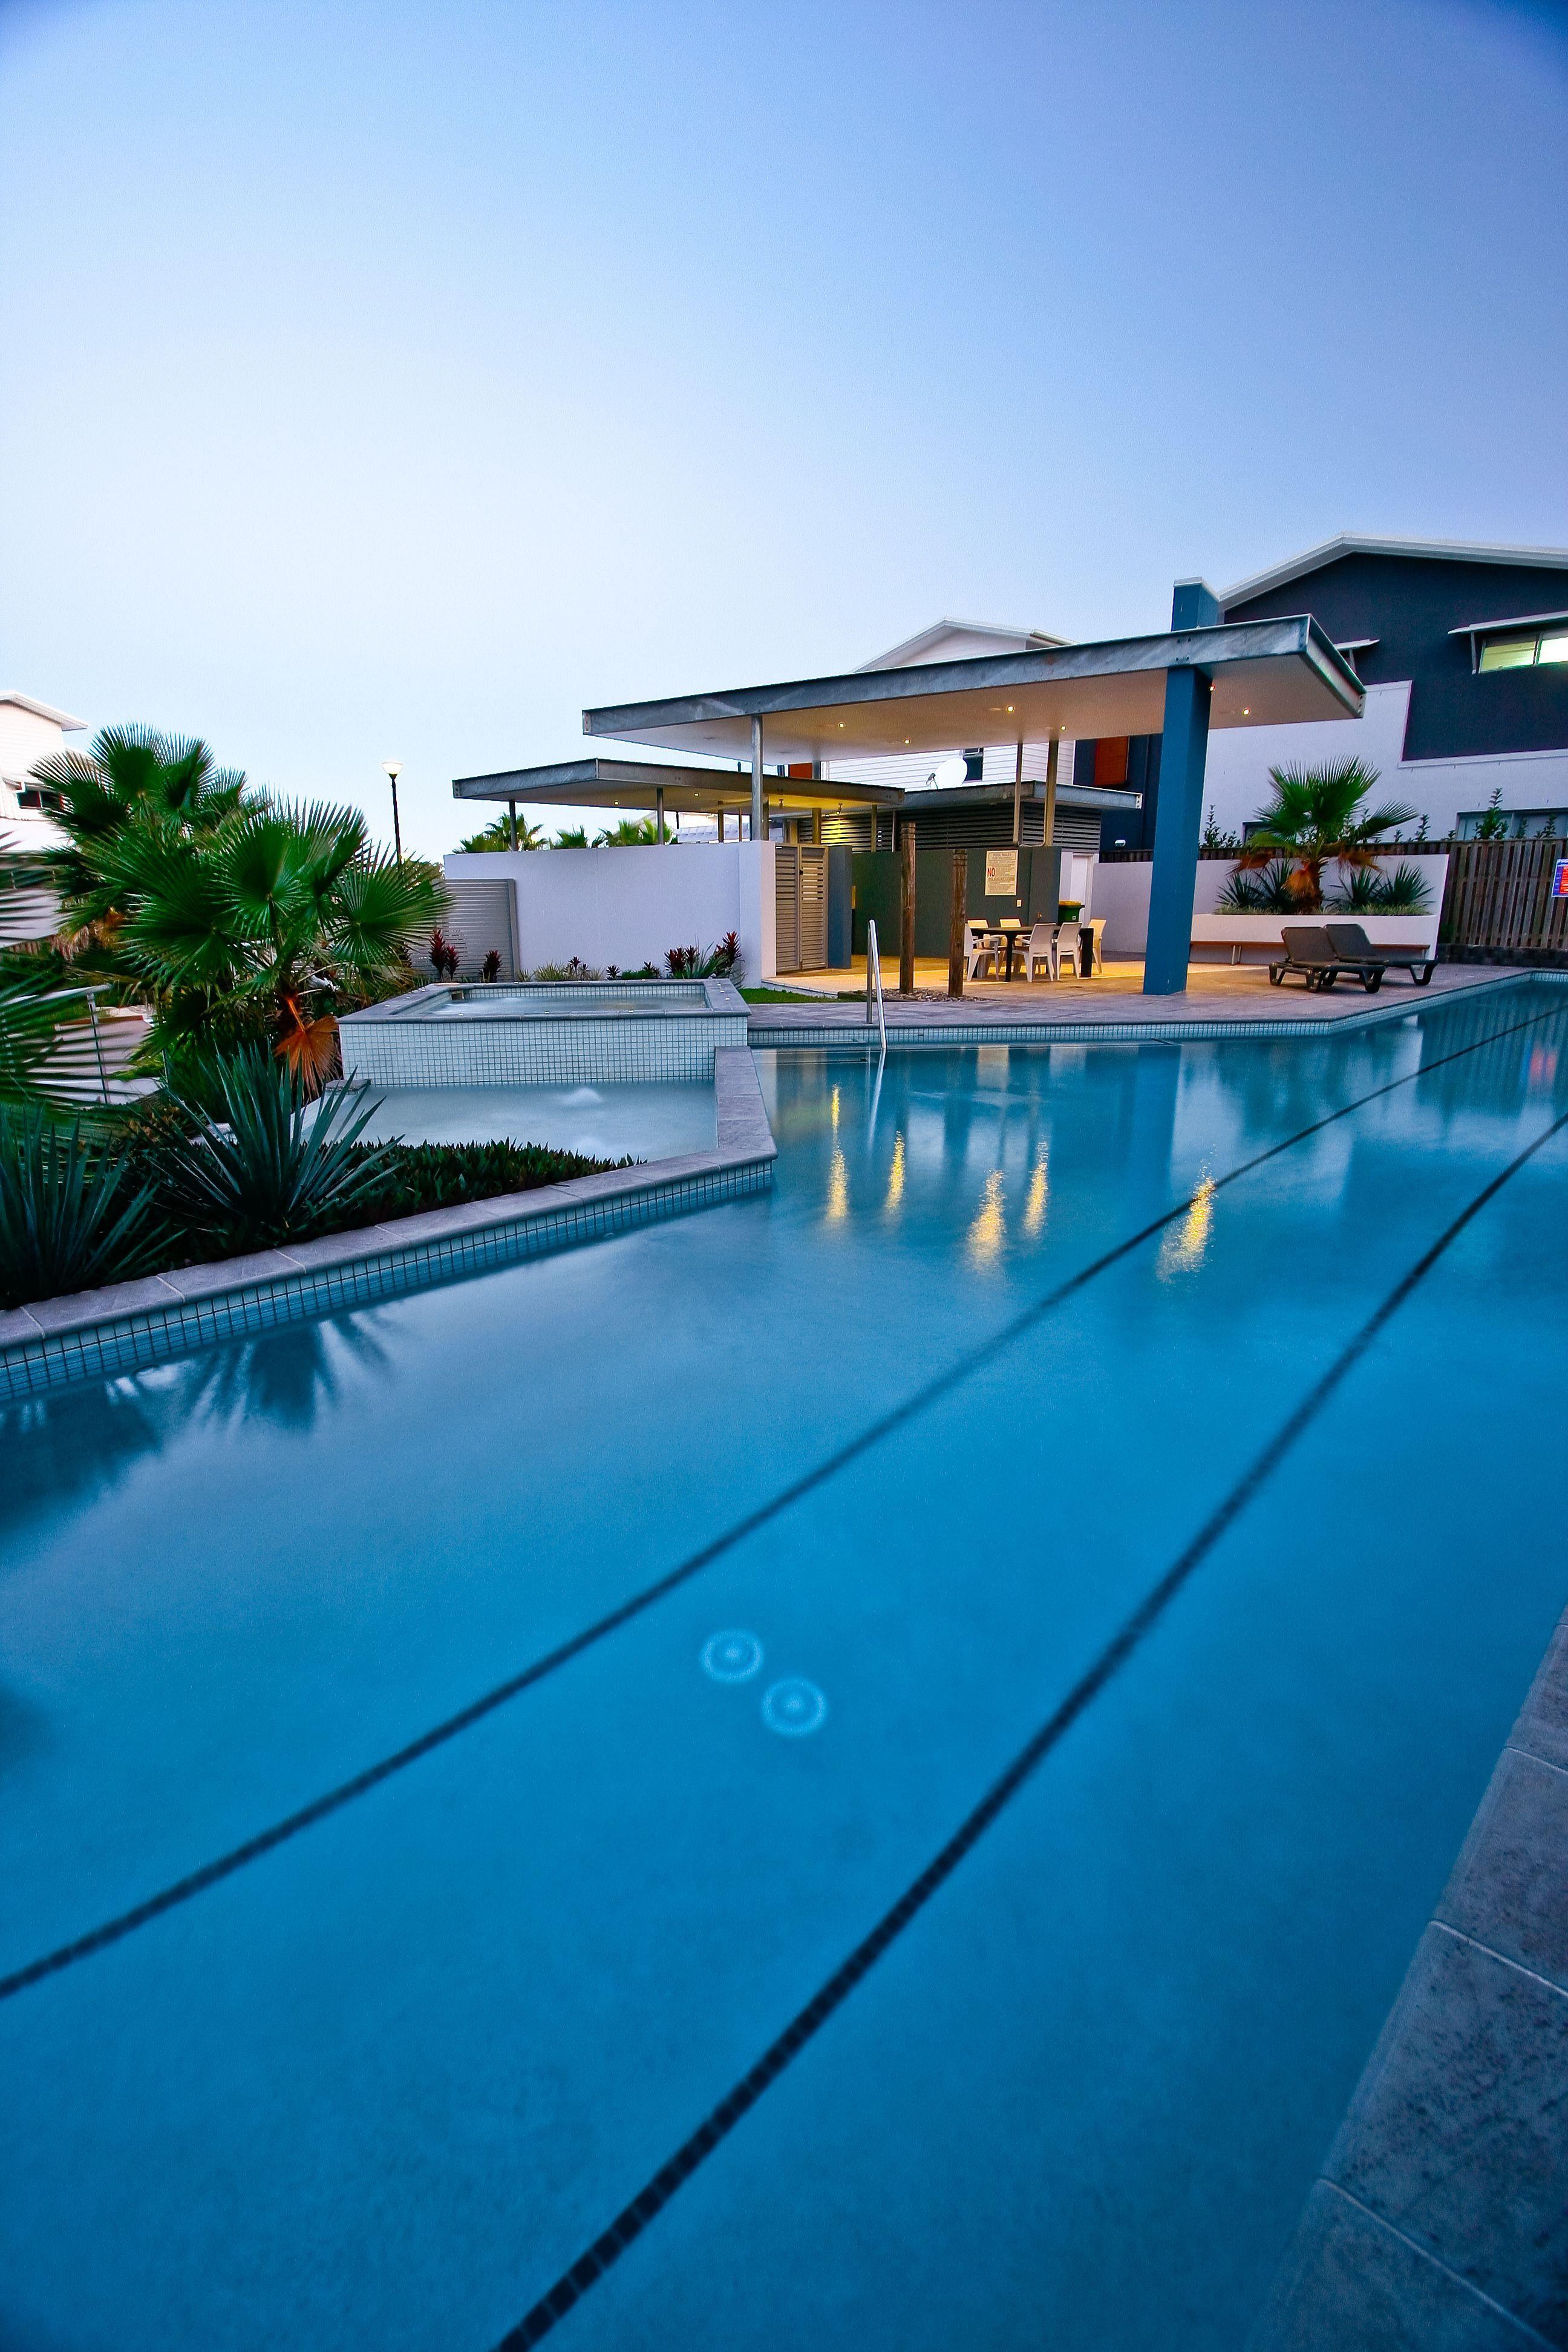 Commercial Lap Pool Design California Pools Lap Pool Lap Pool Designs